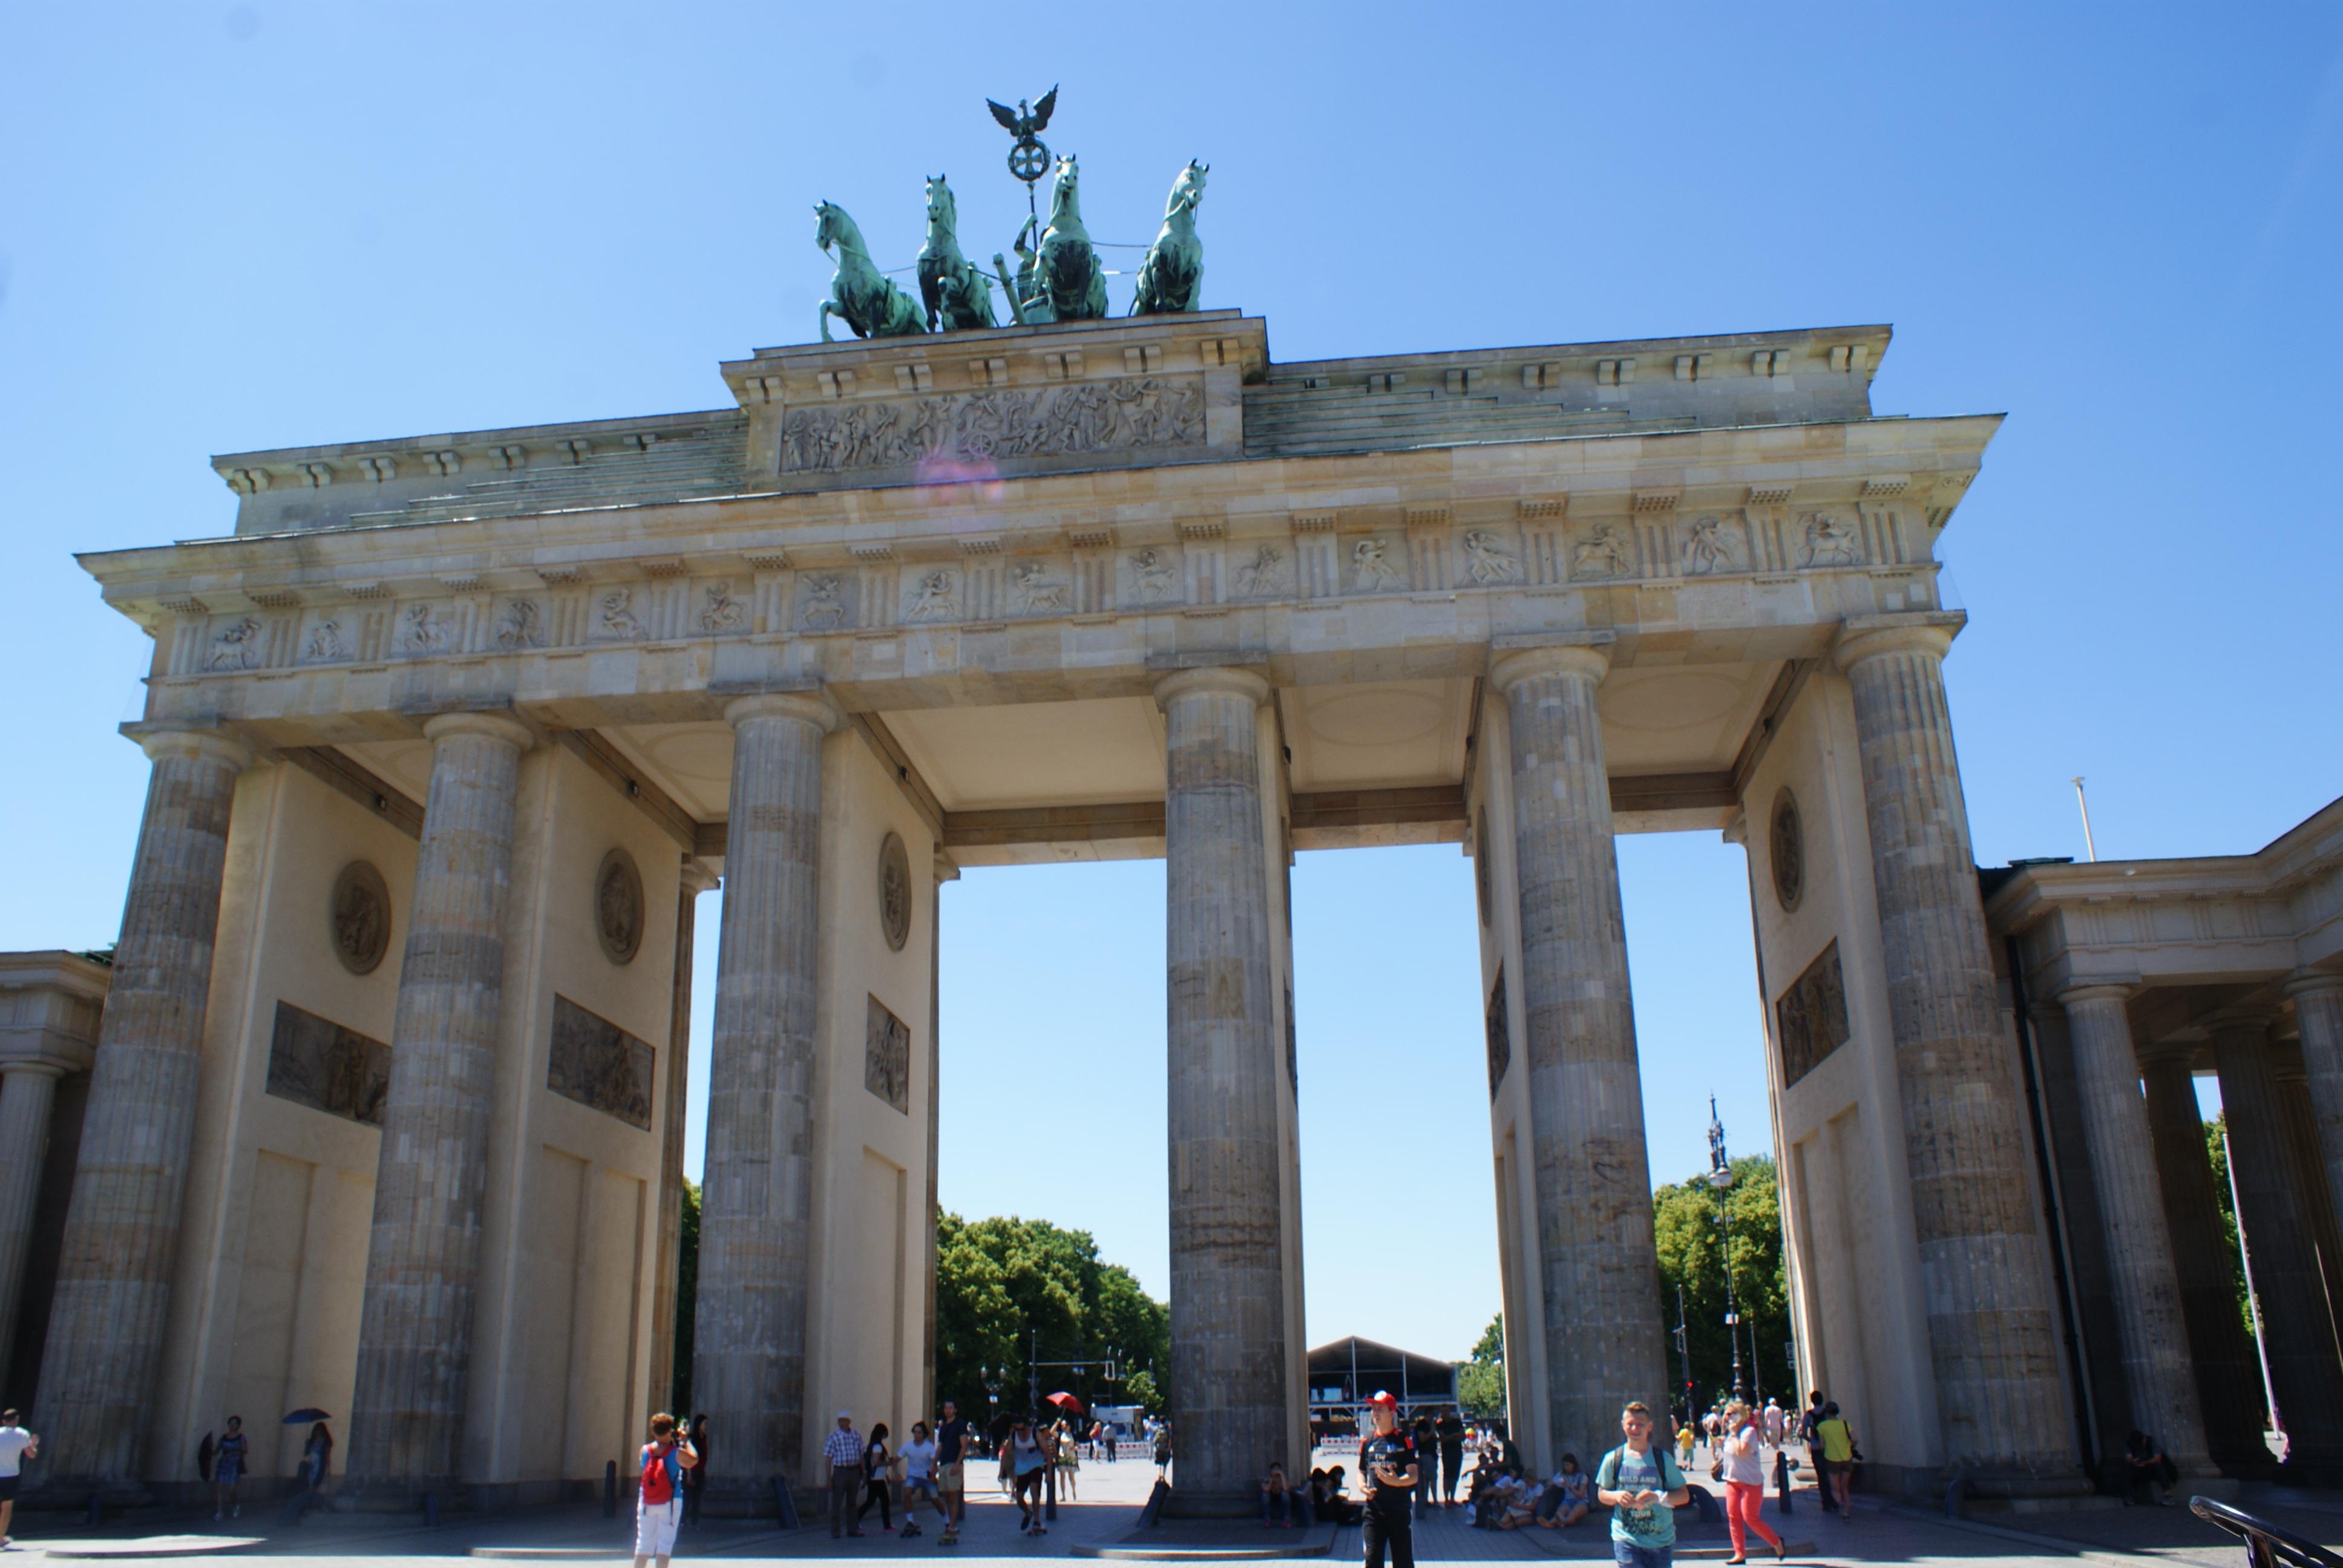 Eine Ausbildung im öffentlichen Dienst von Berlin ist gefragter denn je. Berlin neben den Reizen der Großstadt mit vielen spannenden Ausbildungsberufen punkten.